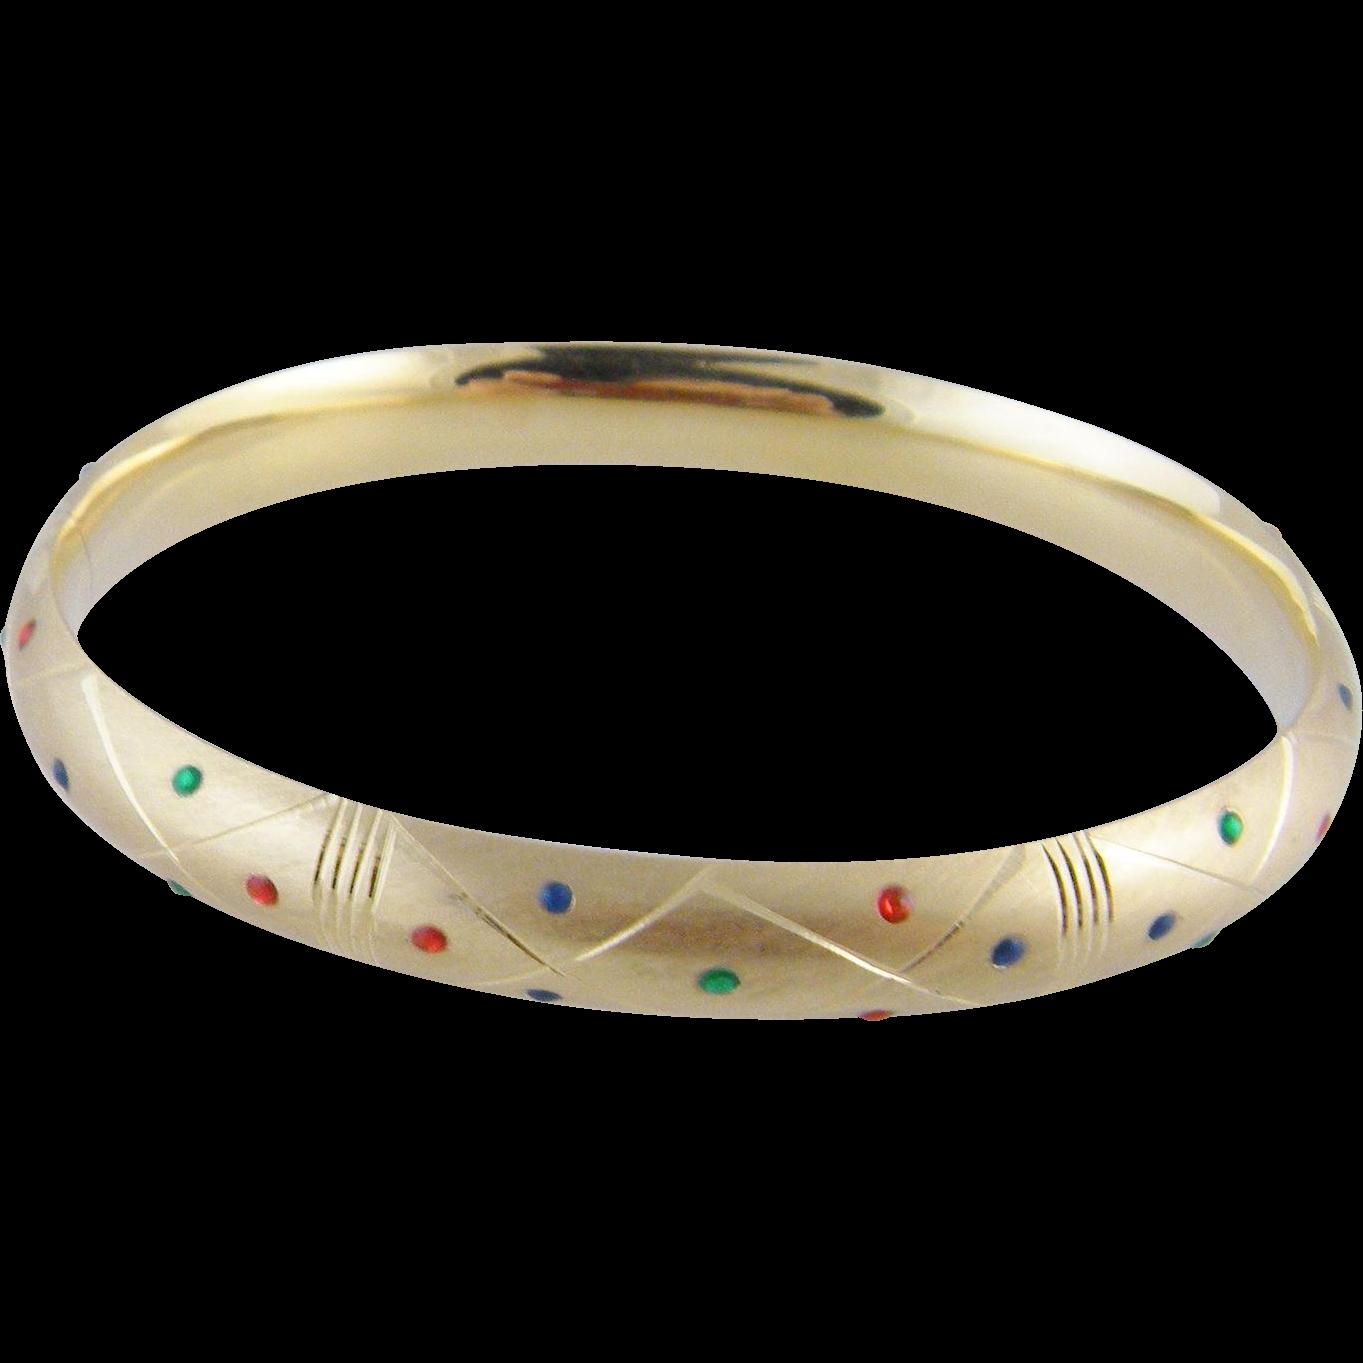 Superb Vintage 14 Karat Gold with  MULTI GEMSTONES Bangle Bracelet